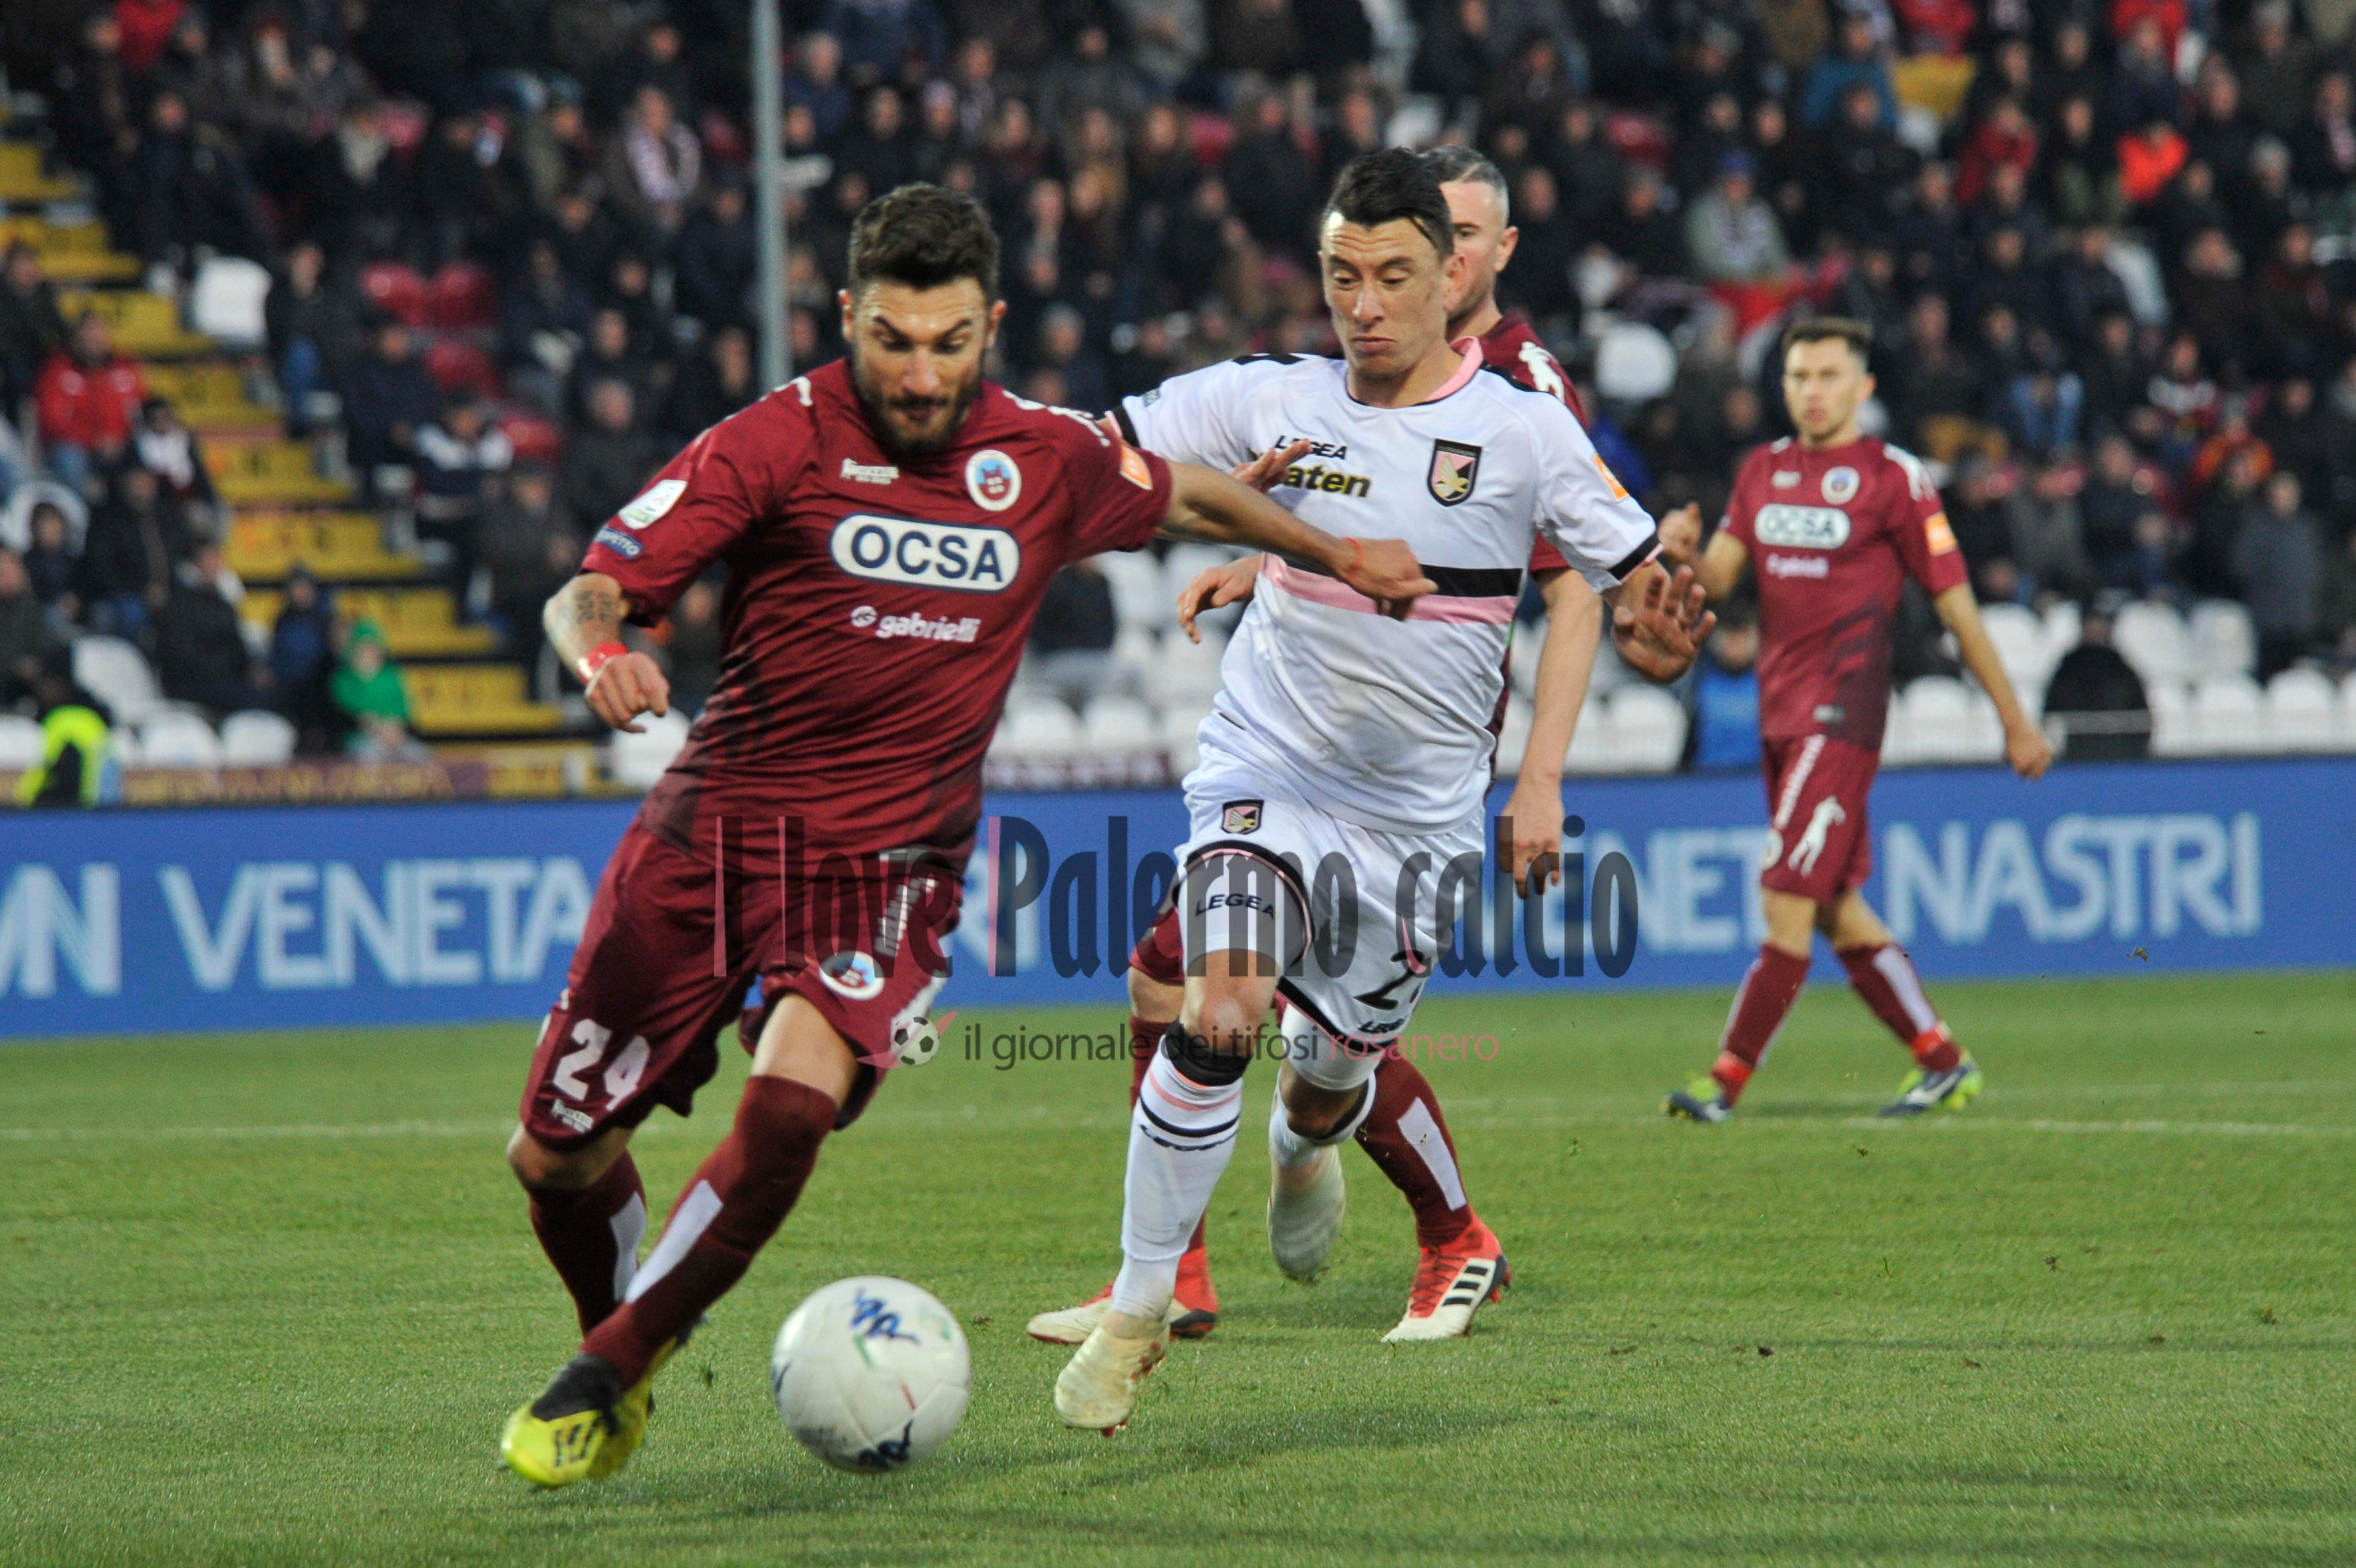 Cittadella vs Palermo falletti